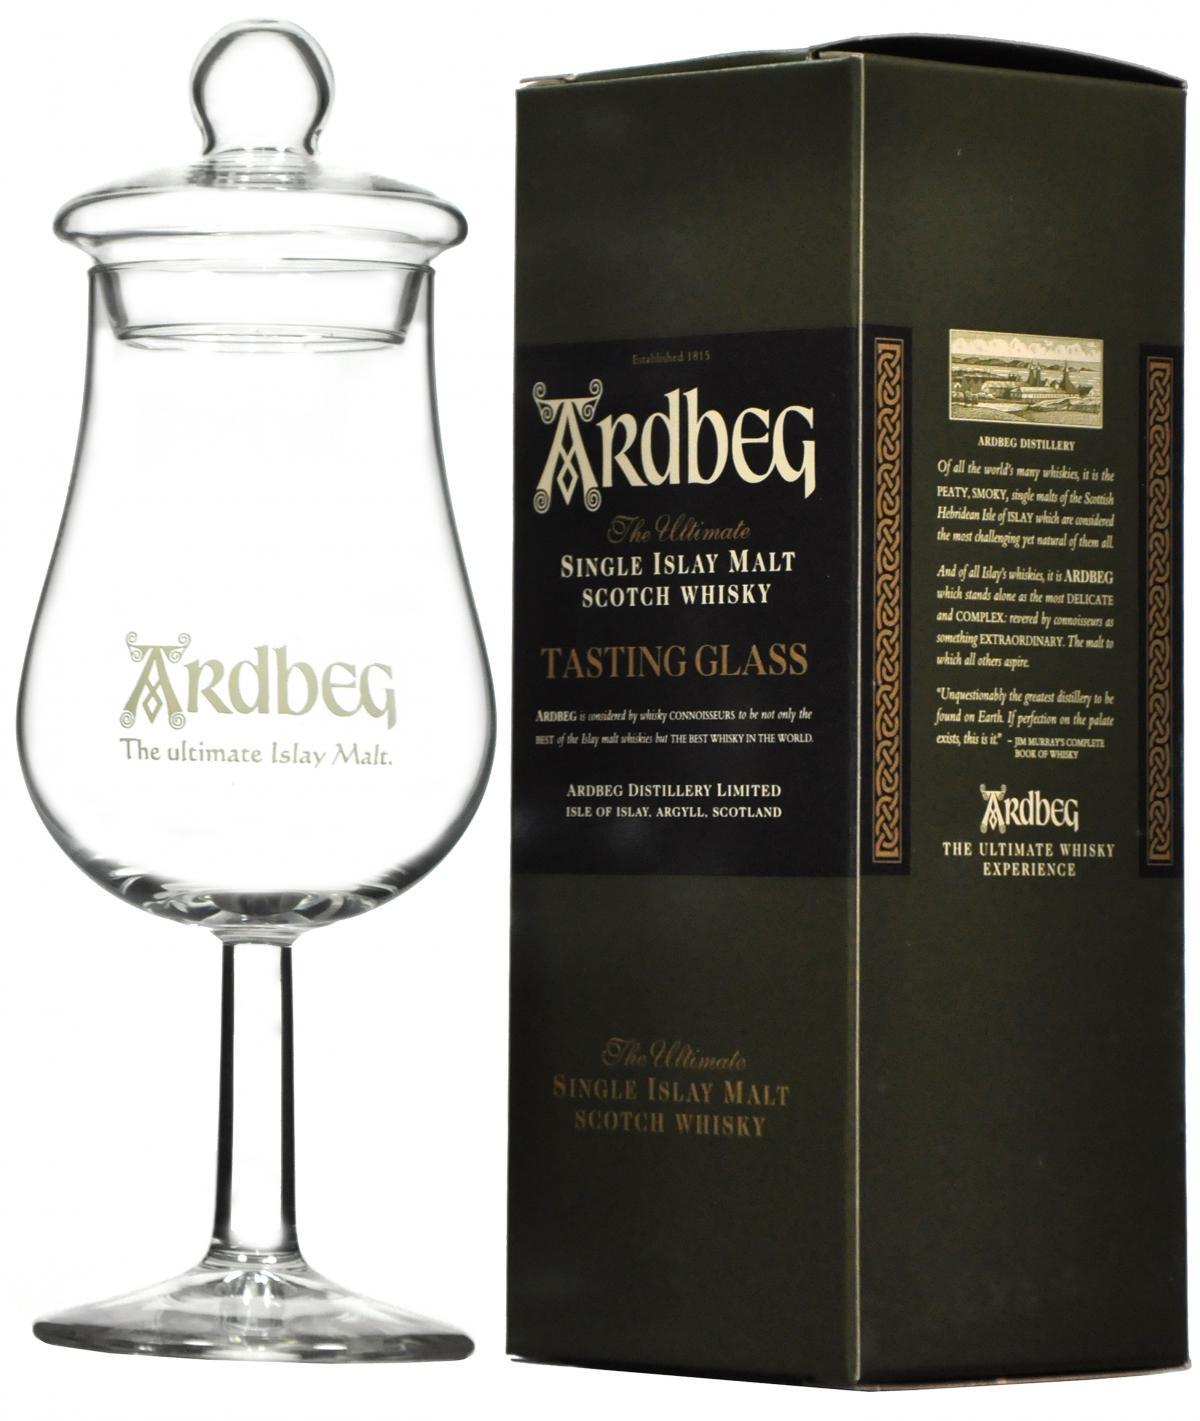 Ardbeg Tasting Glas